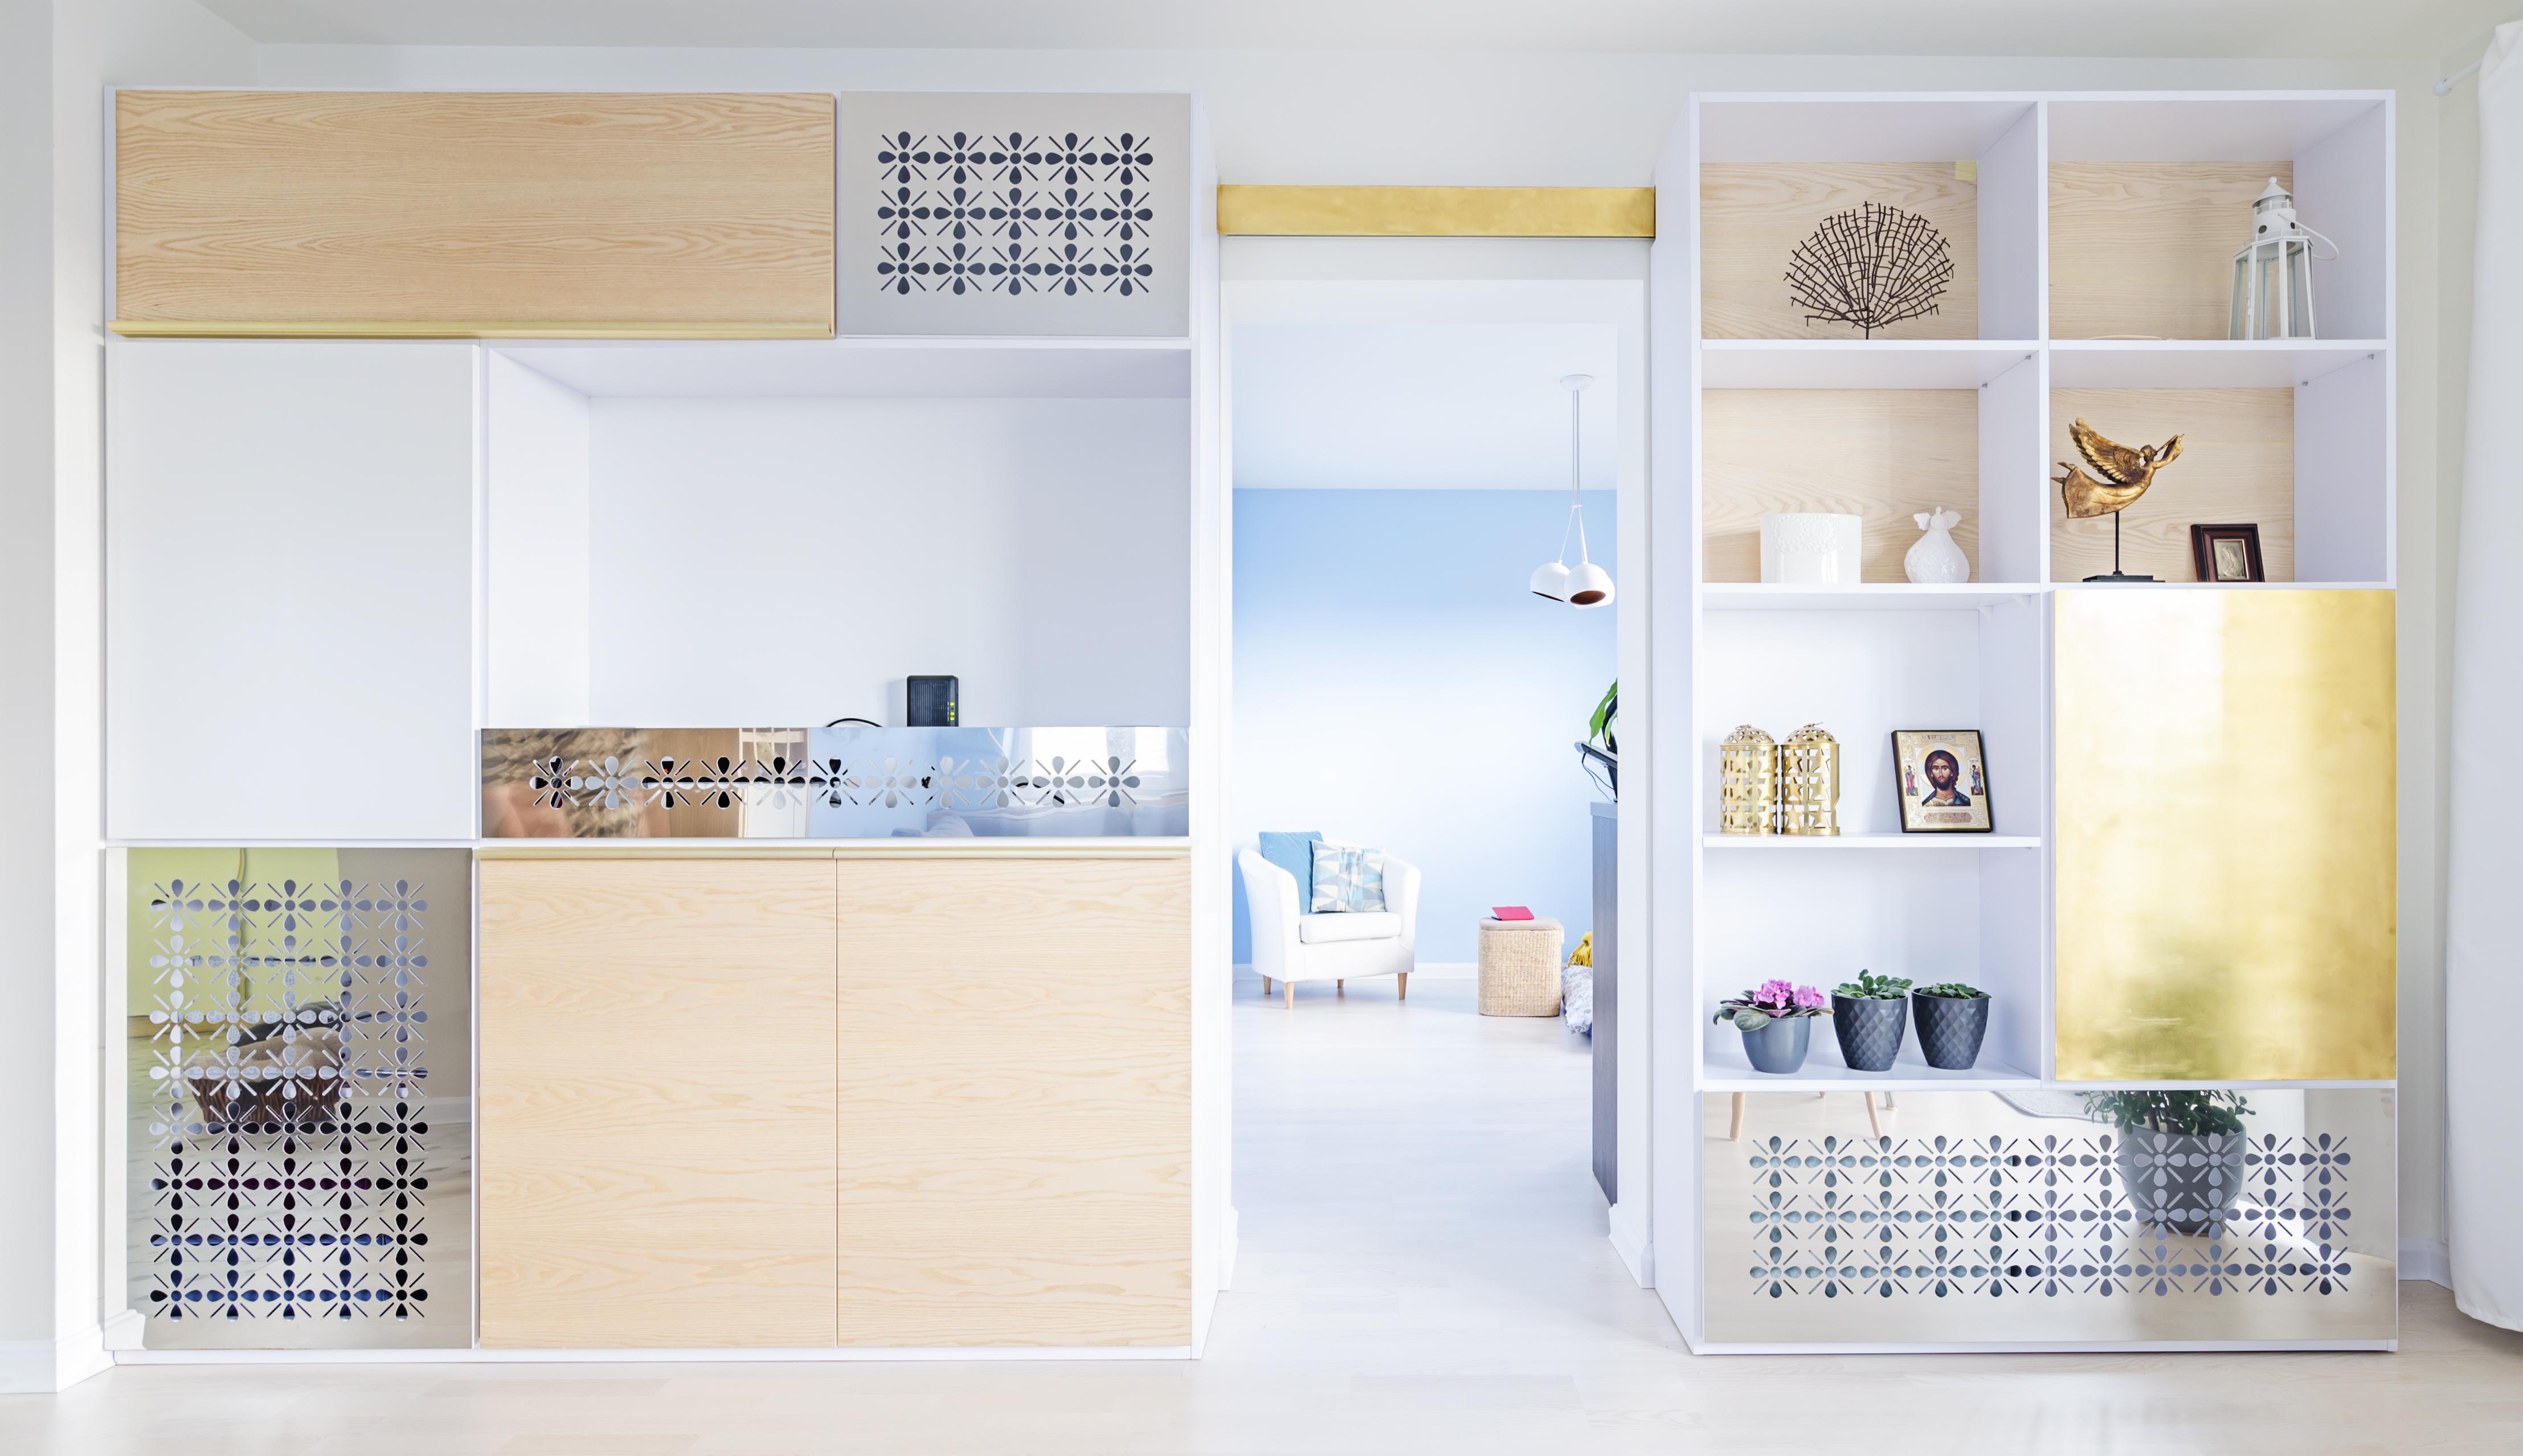 regał, złoto i srebro, portfolio, laurowa, mieszkanie, projektowanie wnętrz, łazienka